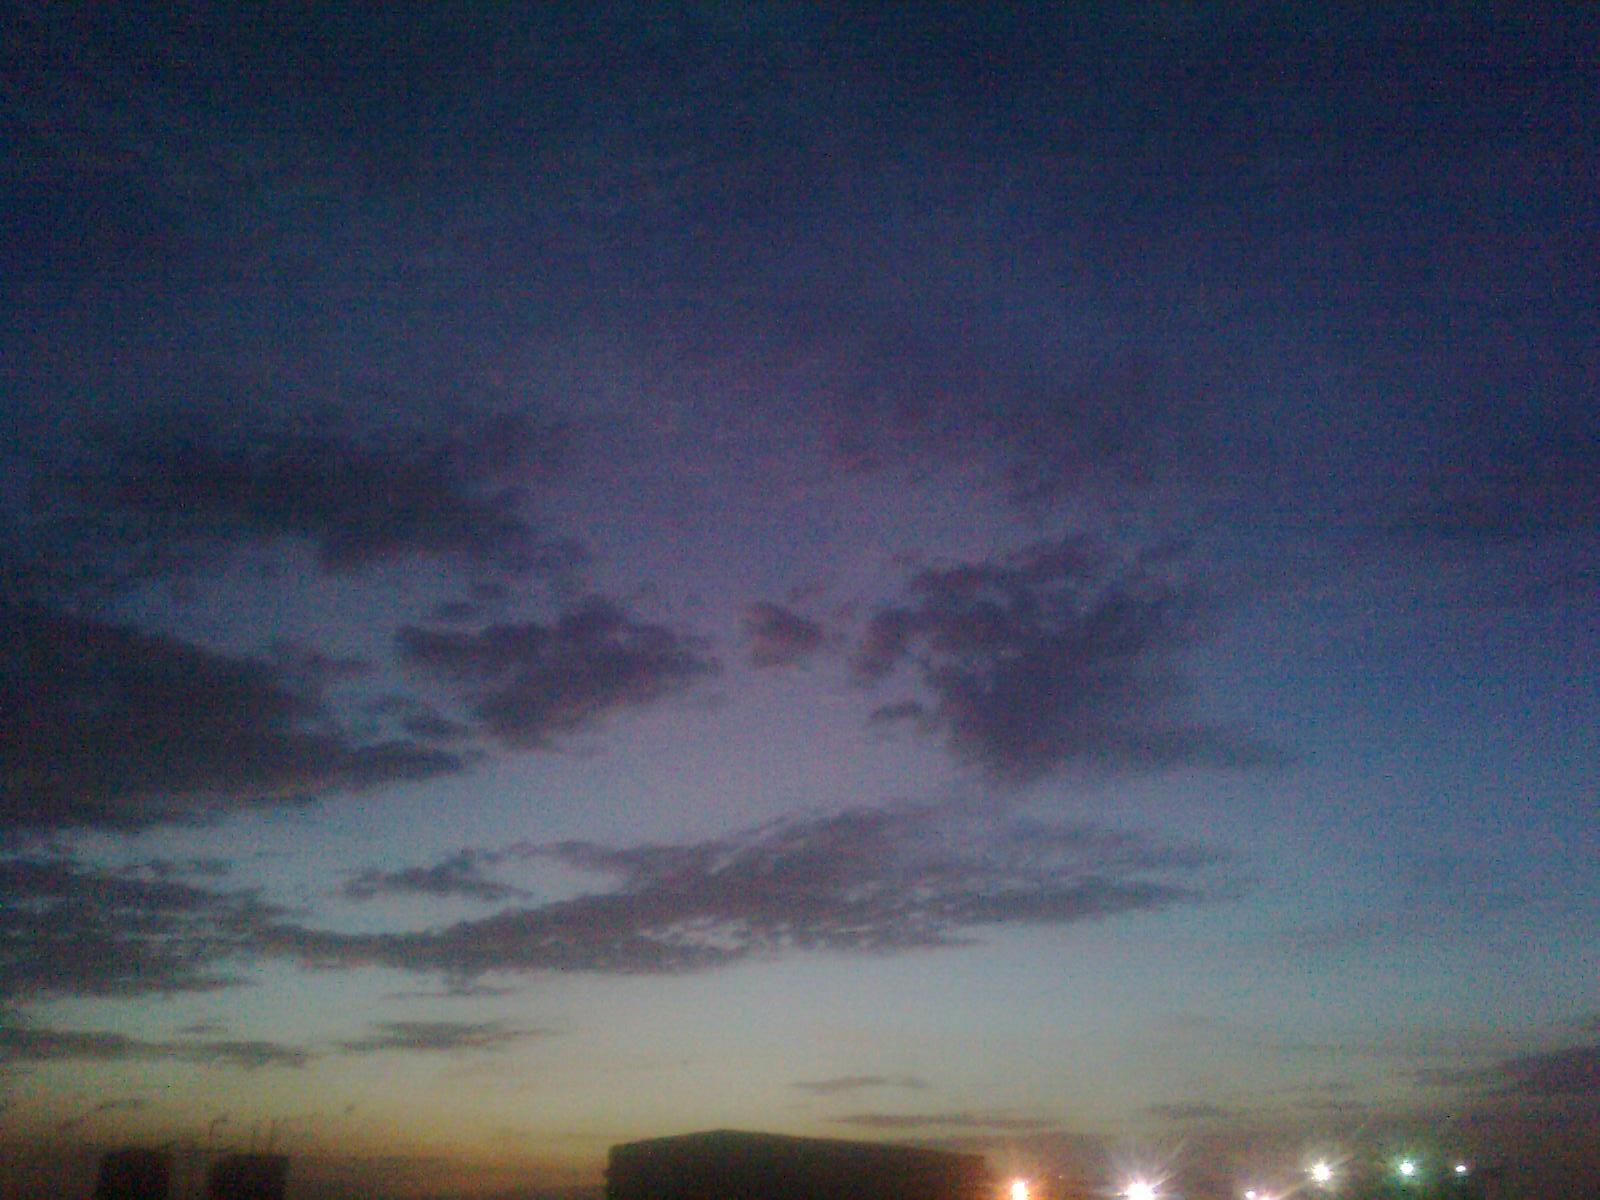 http://3.bp.blogspot.com/_NR-pTkG6FHE/TE2gDzuwhdI/AAAAAAAAA5Q/P8OqUuDCLtA/s1600/From+nidhi0893.jpg